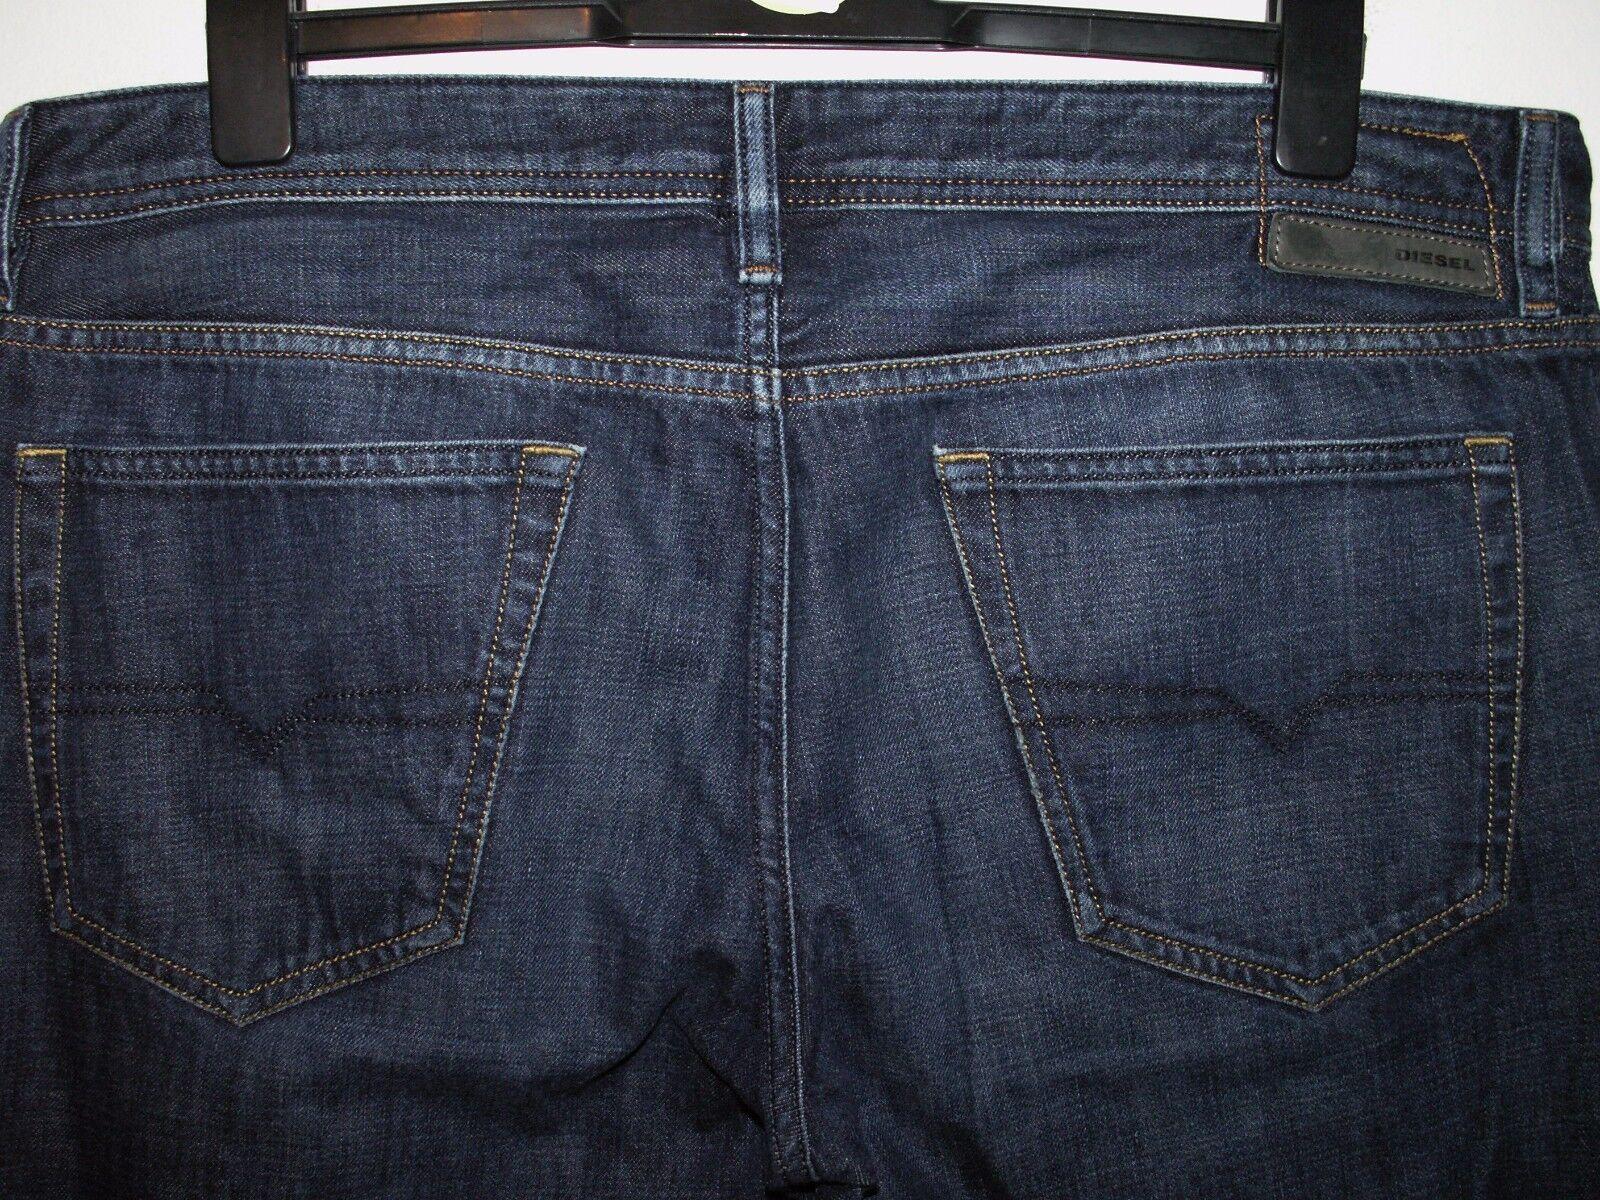 Diesel new-fanker regular slim-bootcut jeans wash 0074W W38 L32 (a3070)